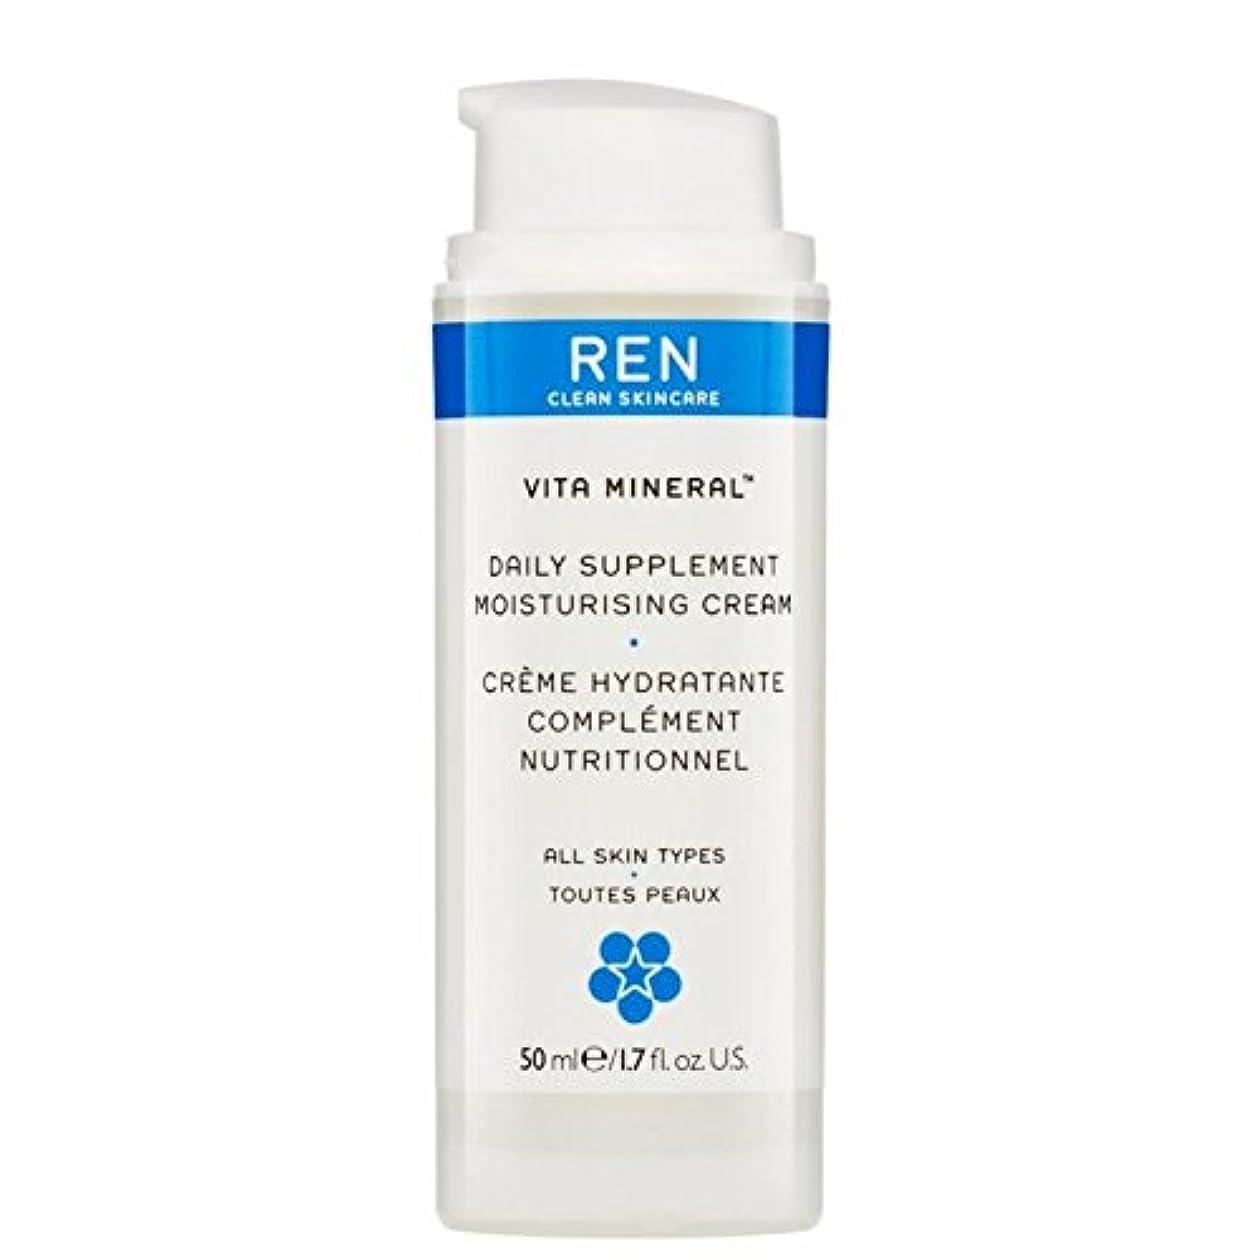 可動次ガイドREN Vita Mineral Daily Supplement Moisturising Cream (Pack of 6) - ヴィータミネラル毎日サプリメント保湿クリーム x6 [並行輸入品]